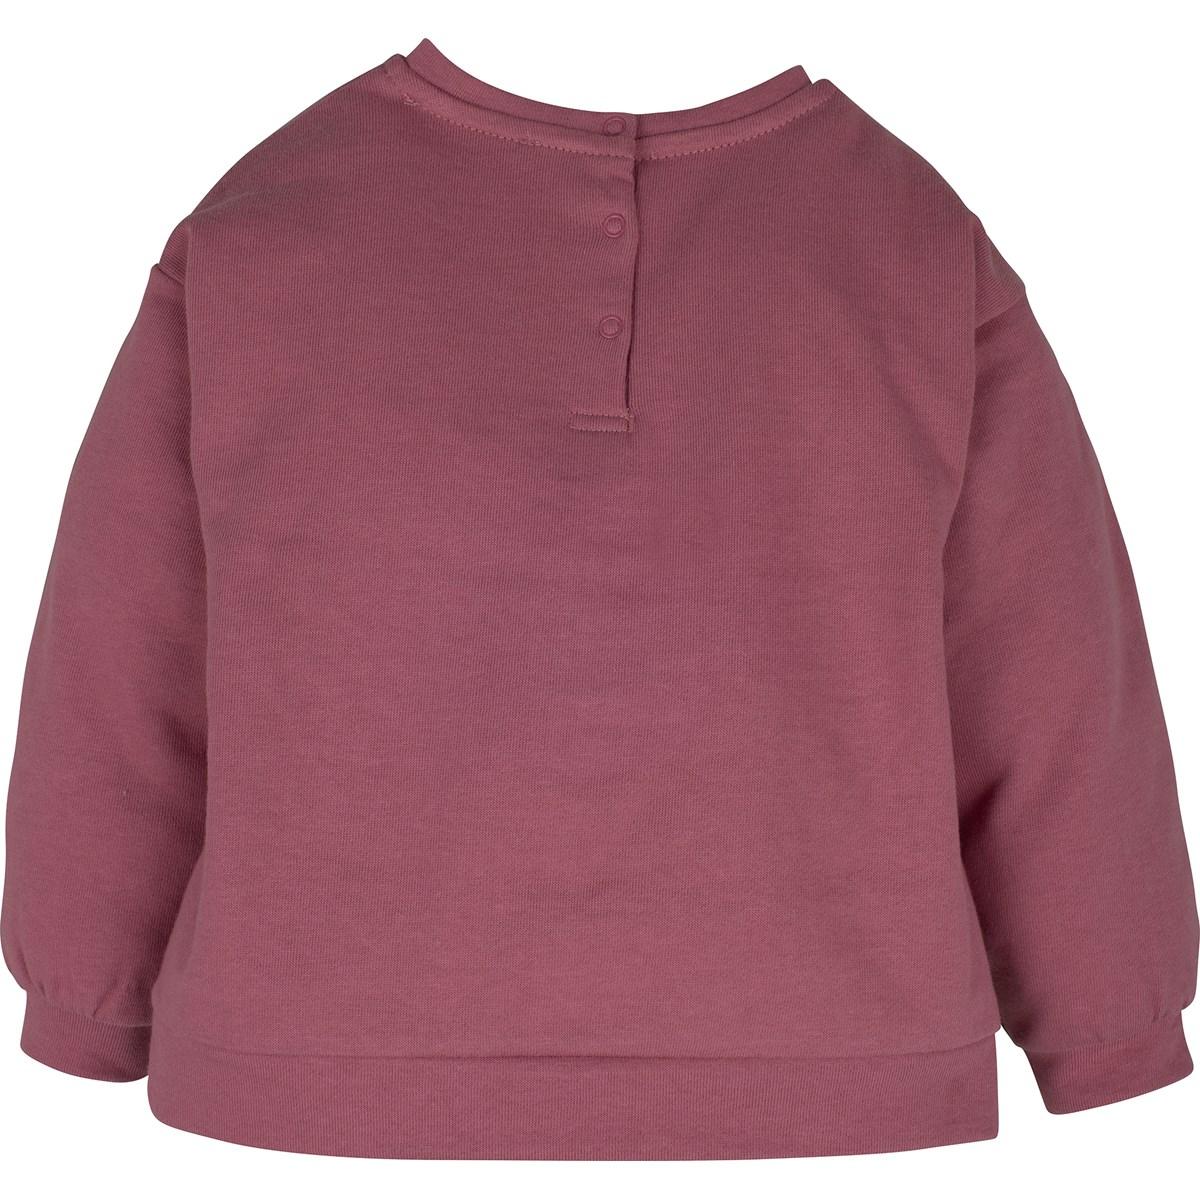 14104 Sweatshirt 2